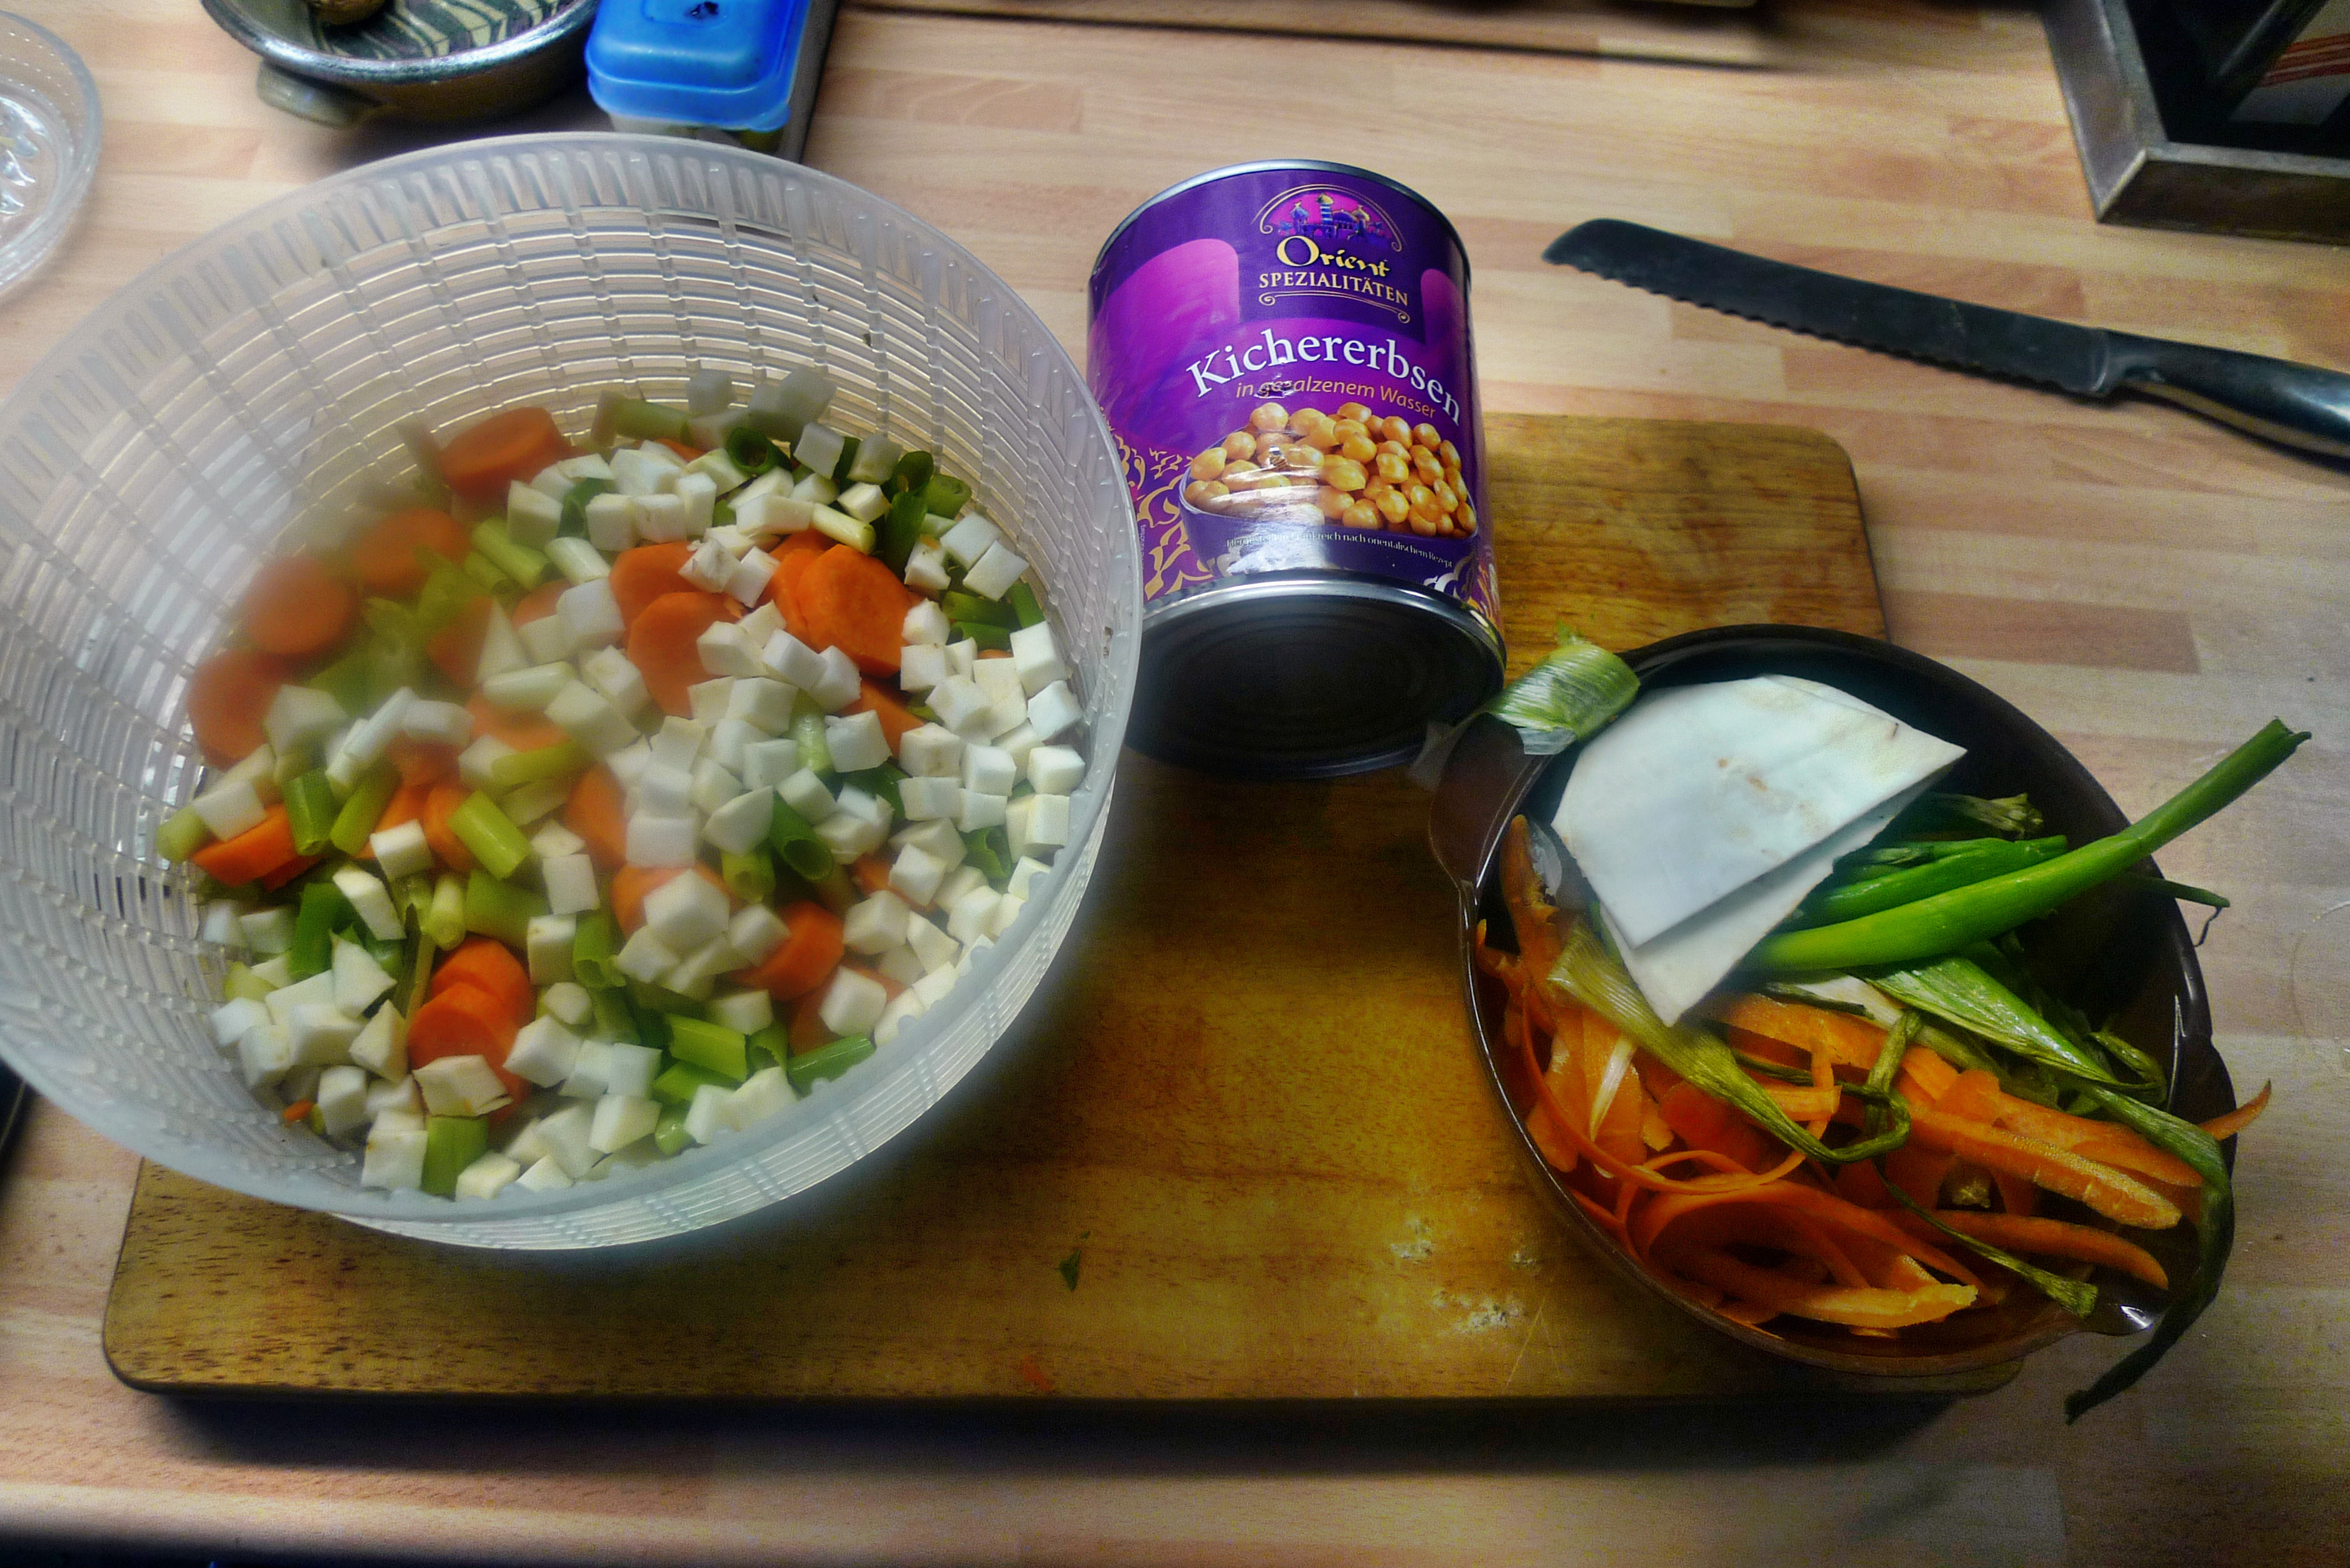 Gemüsesuppe mit Kichererbsen- vegan- 16.10.14   (11)